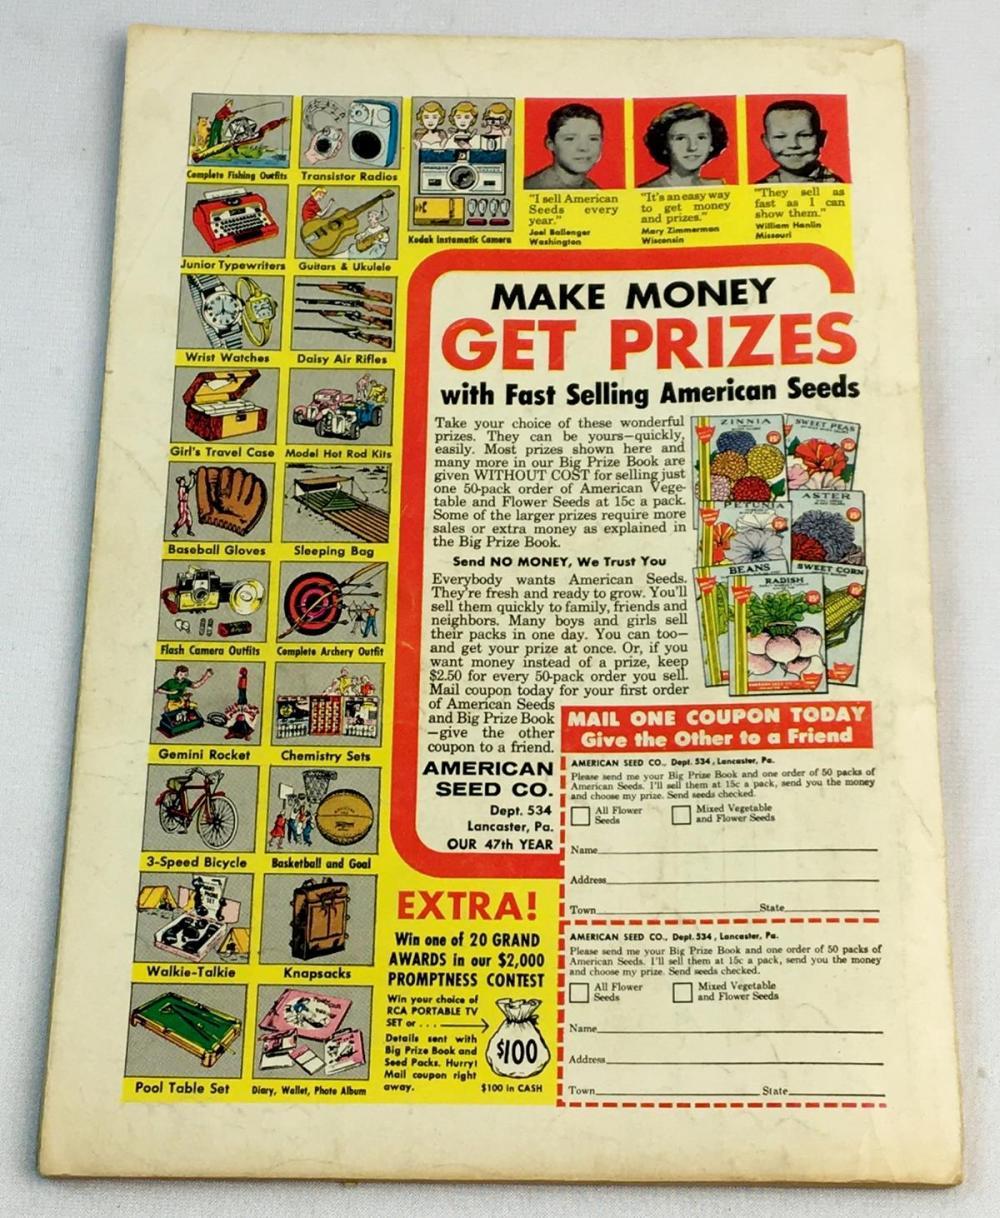 Vintage March 1965 More Secret Origins 80 Page Giant (Justice League) No. 8 DC 25 Cent Comic Book